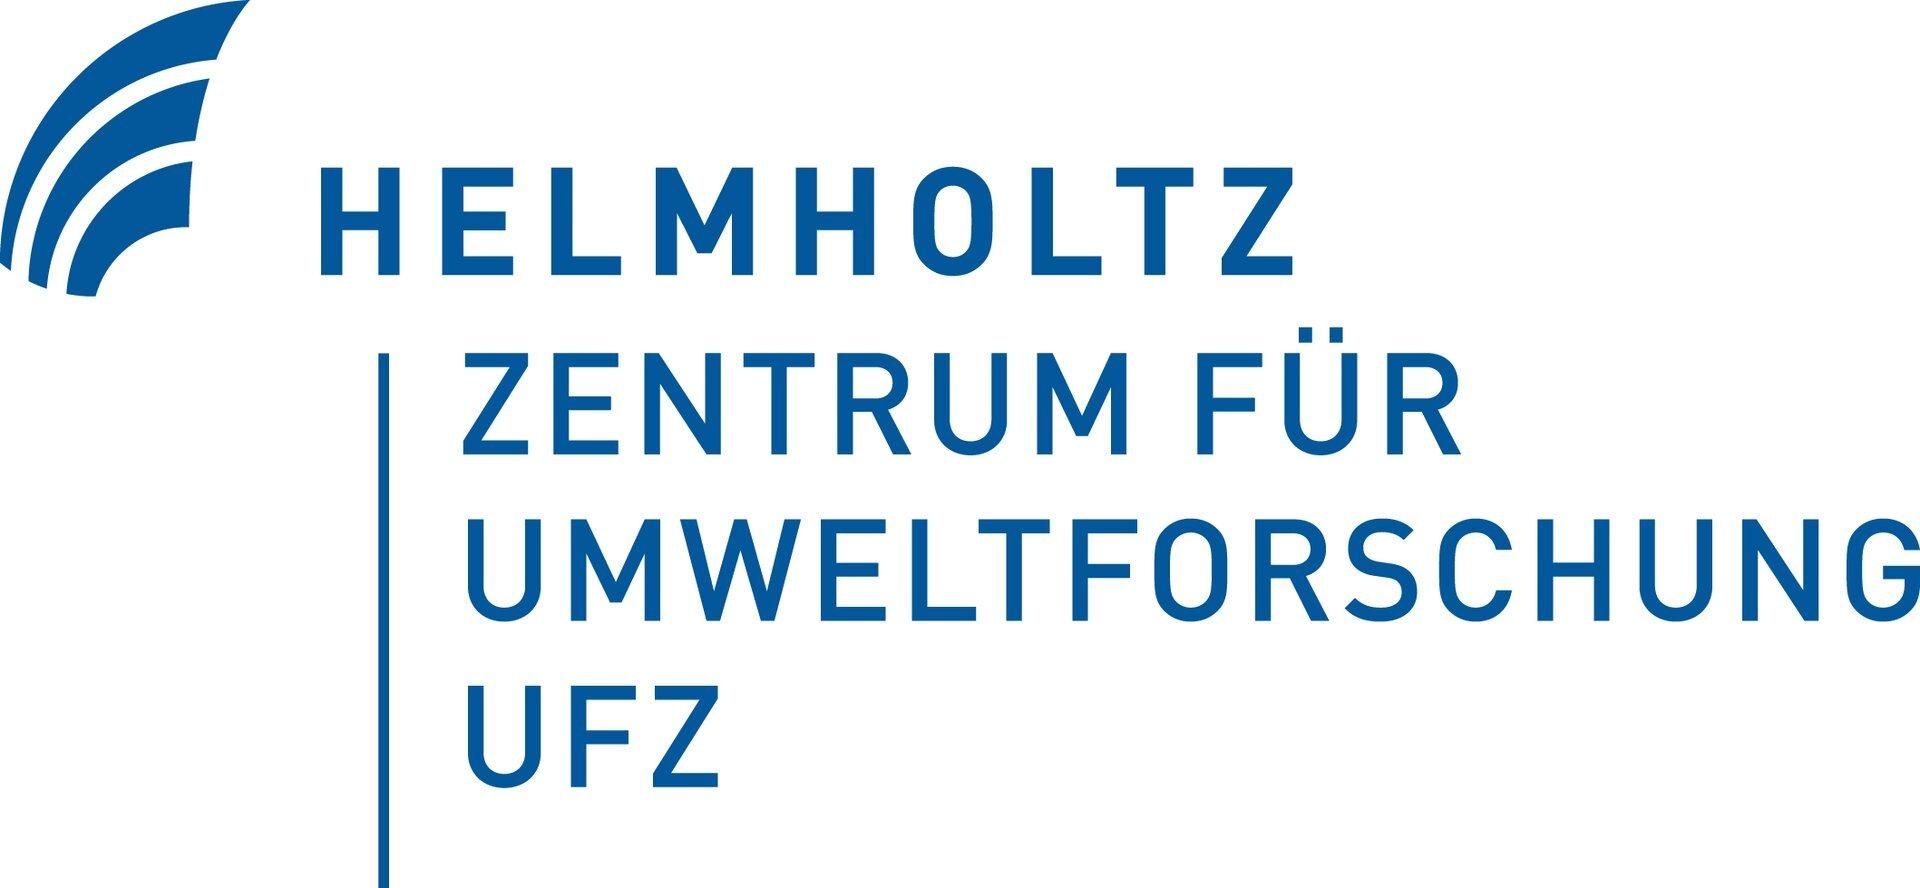 Helmholtz-Zentrum für Umweltforschung